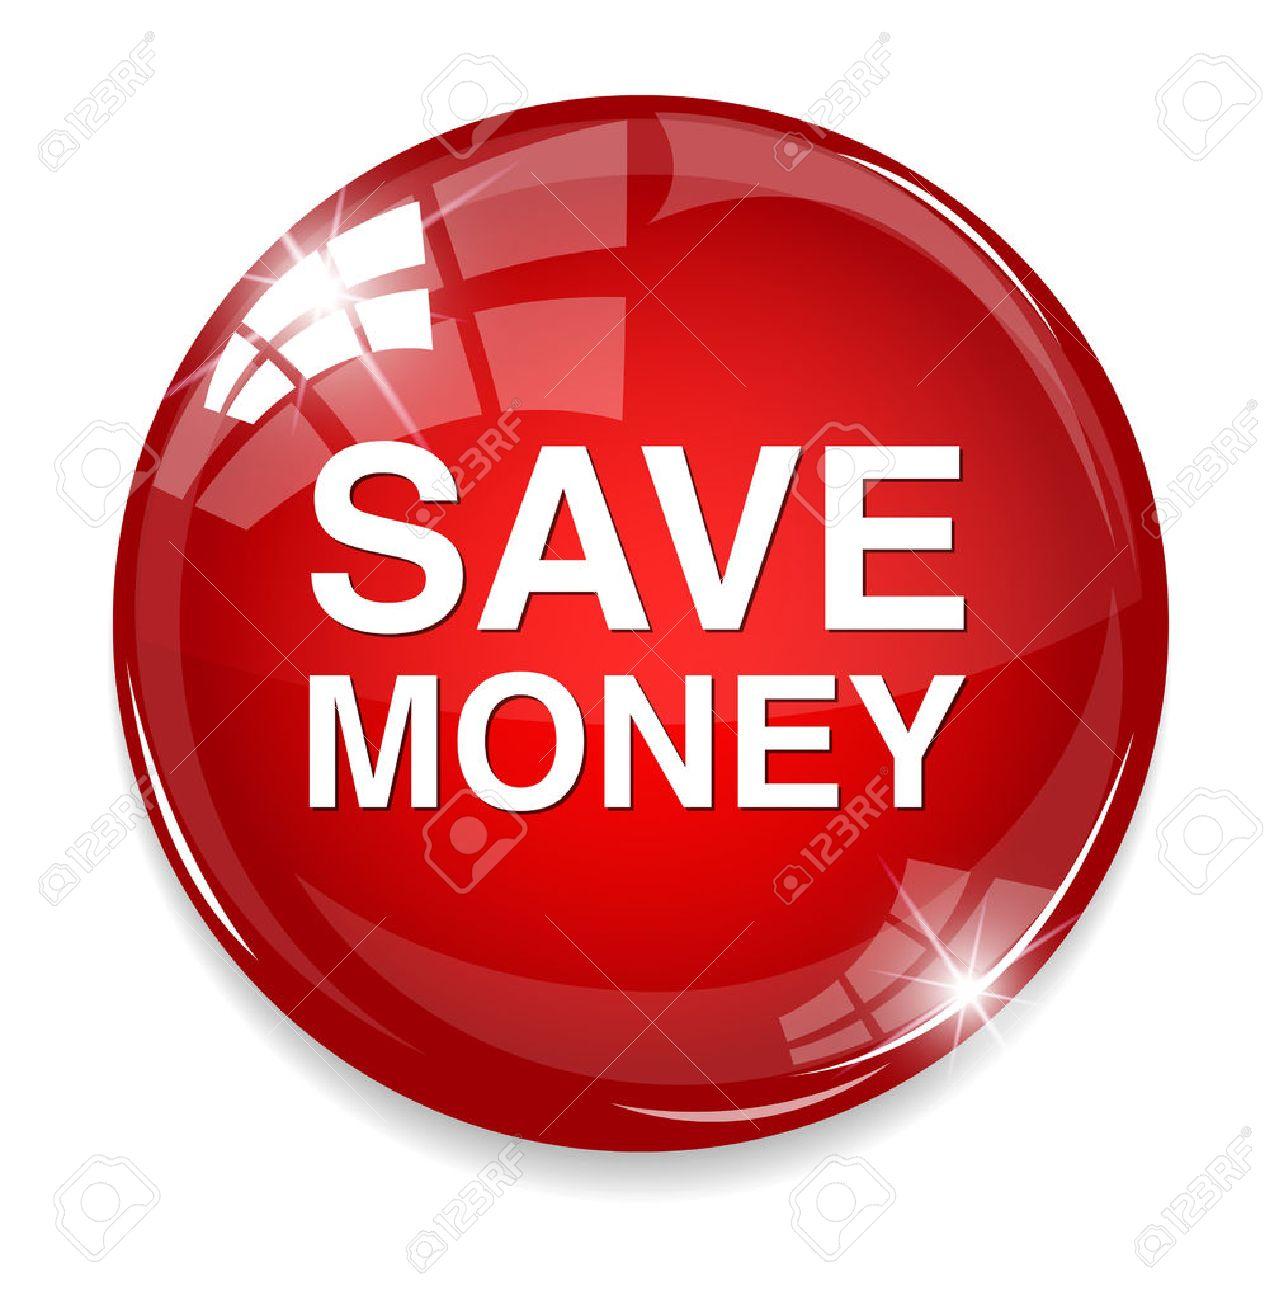 save money icon - 32210150